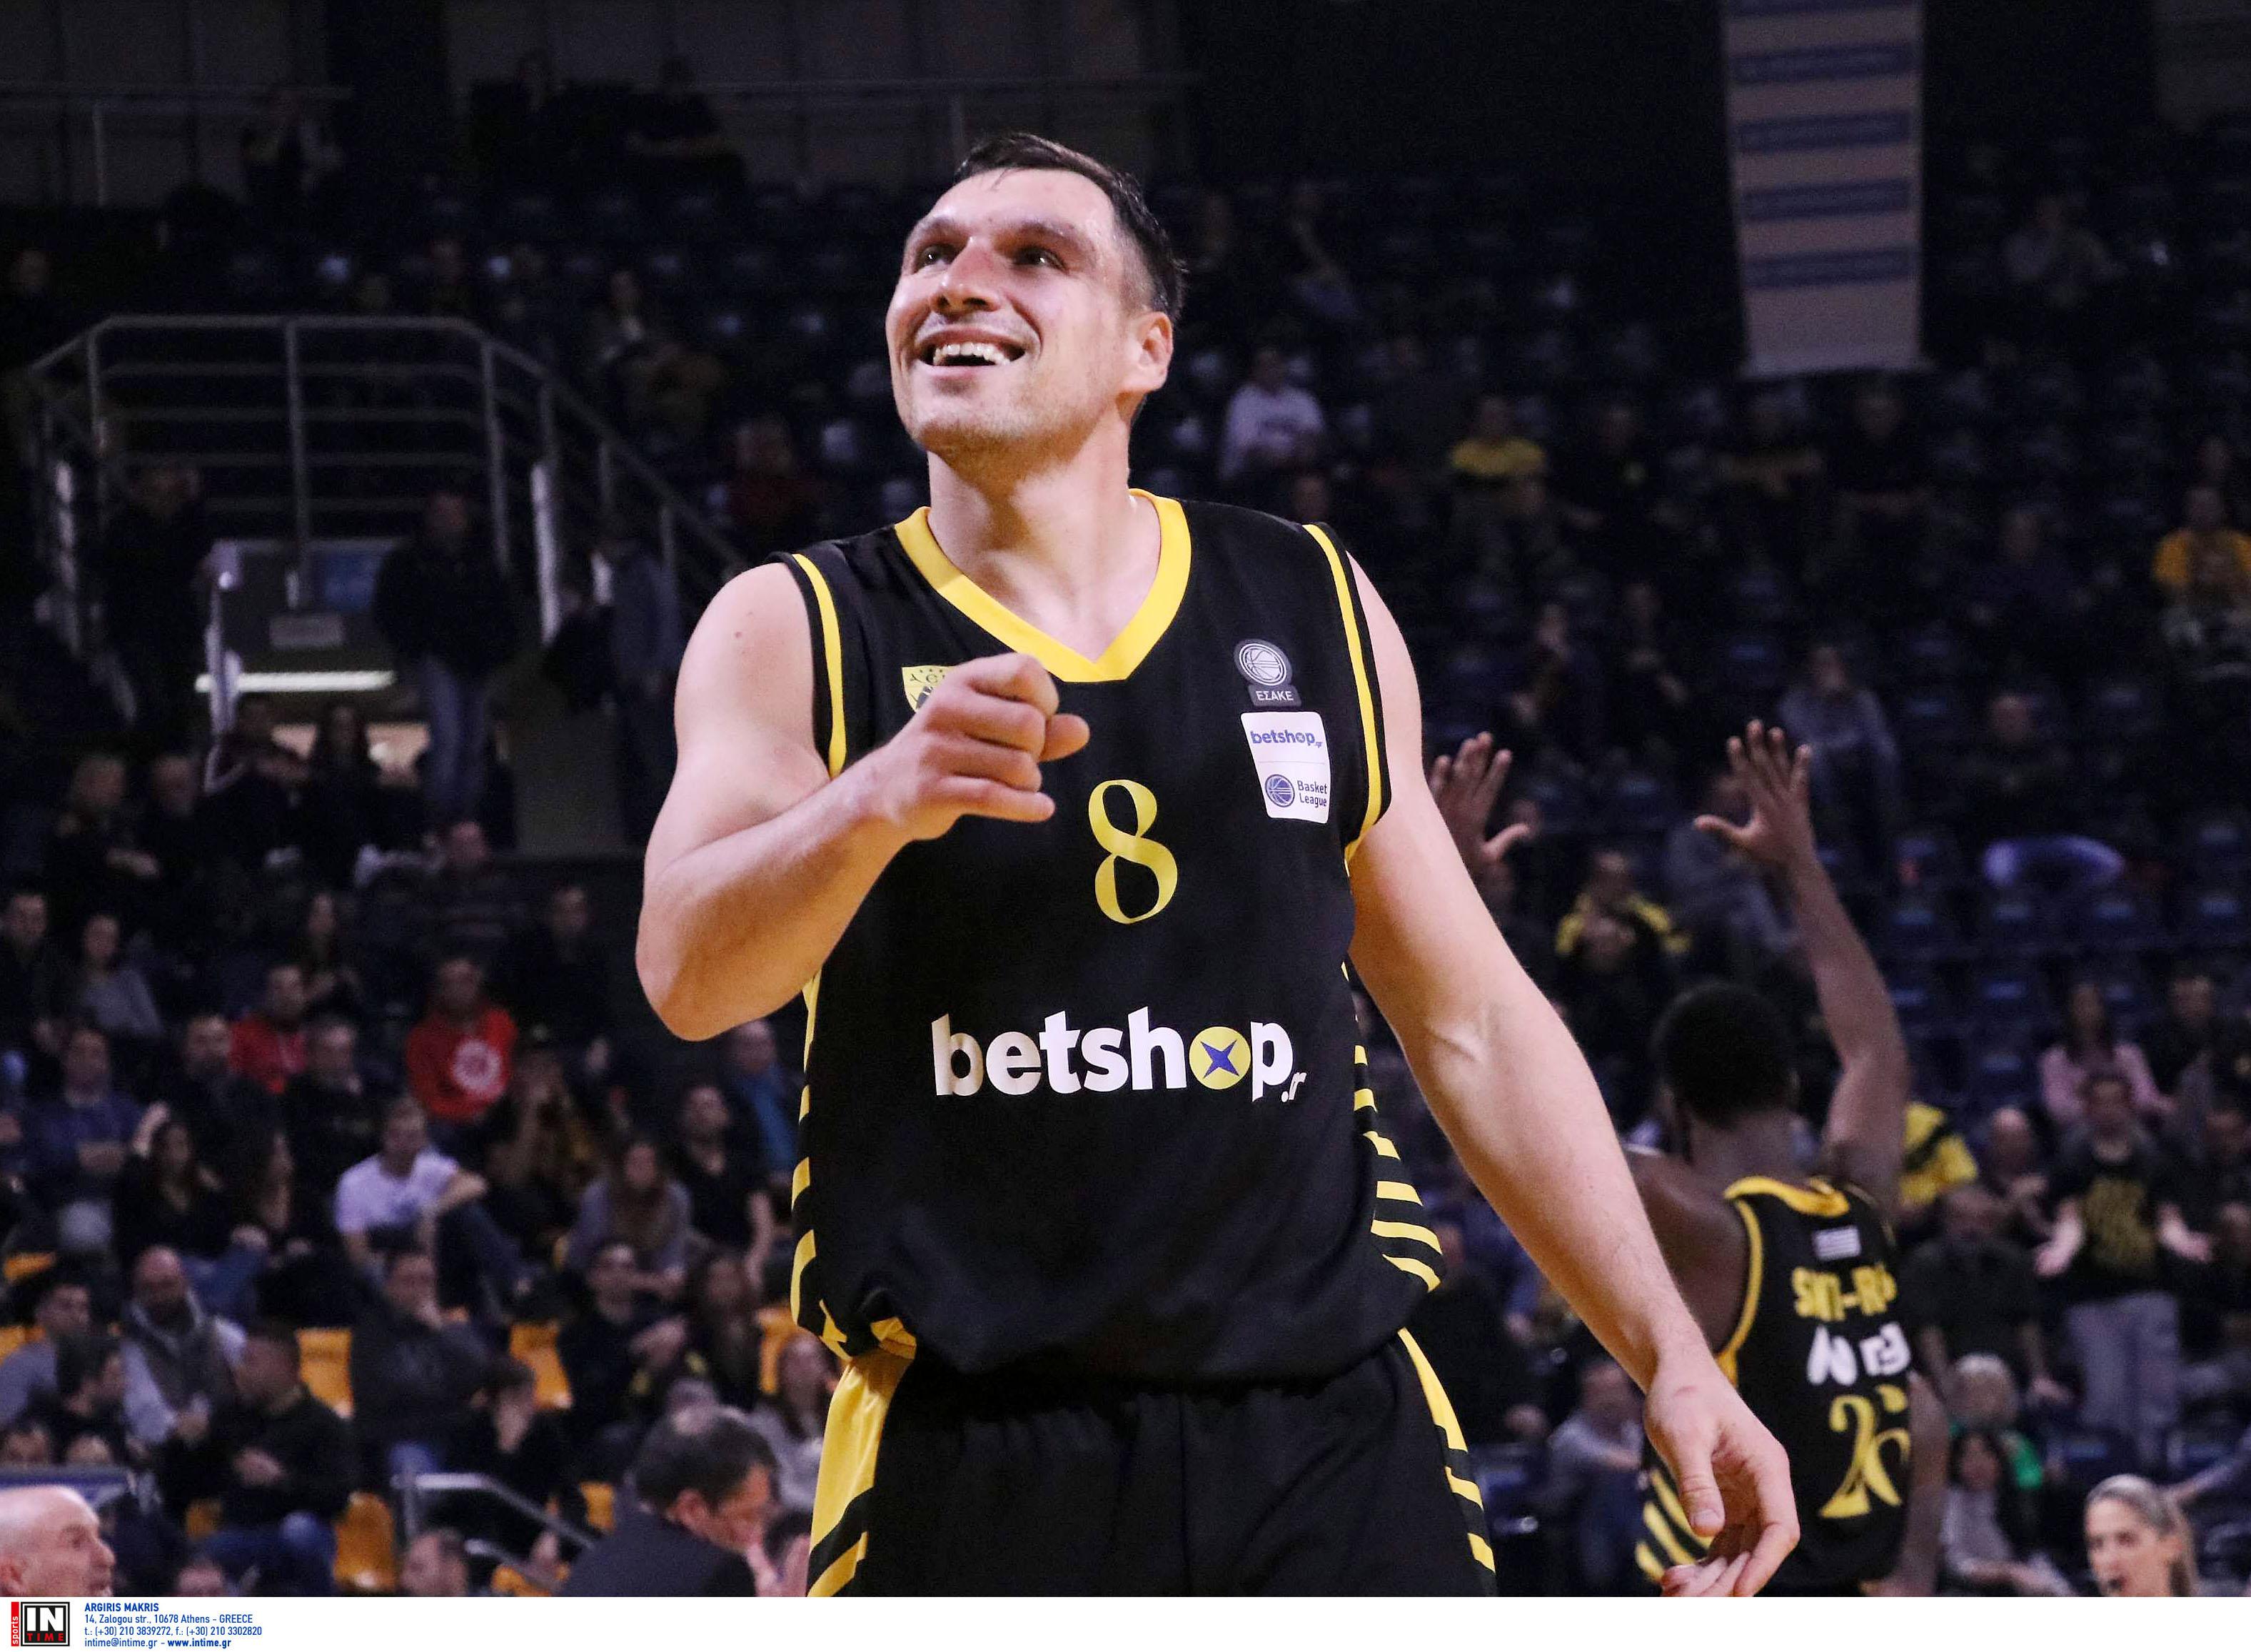 Τέλος εποχής: Ο Γιόνας Ματσιούλις σταμάτησε το μπάσκετ